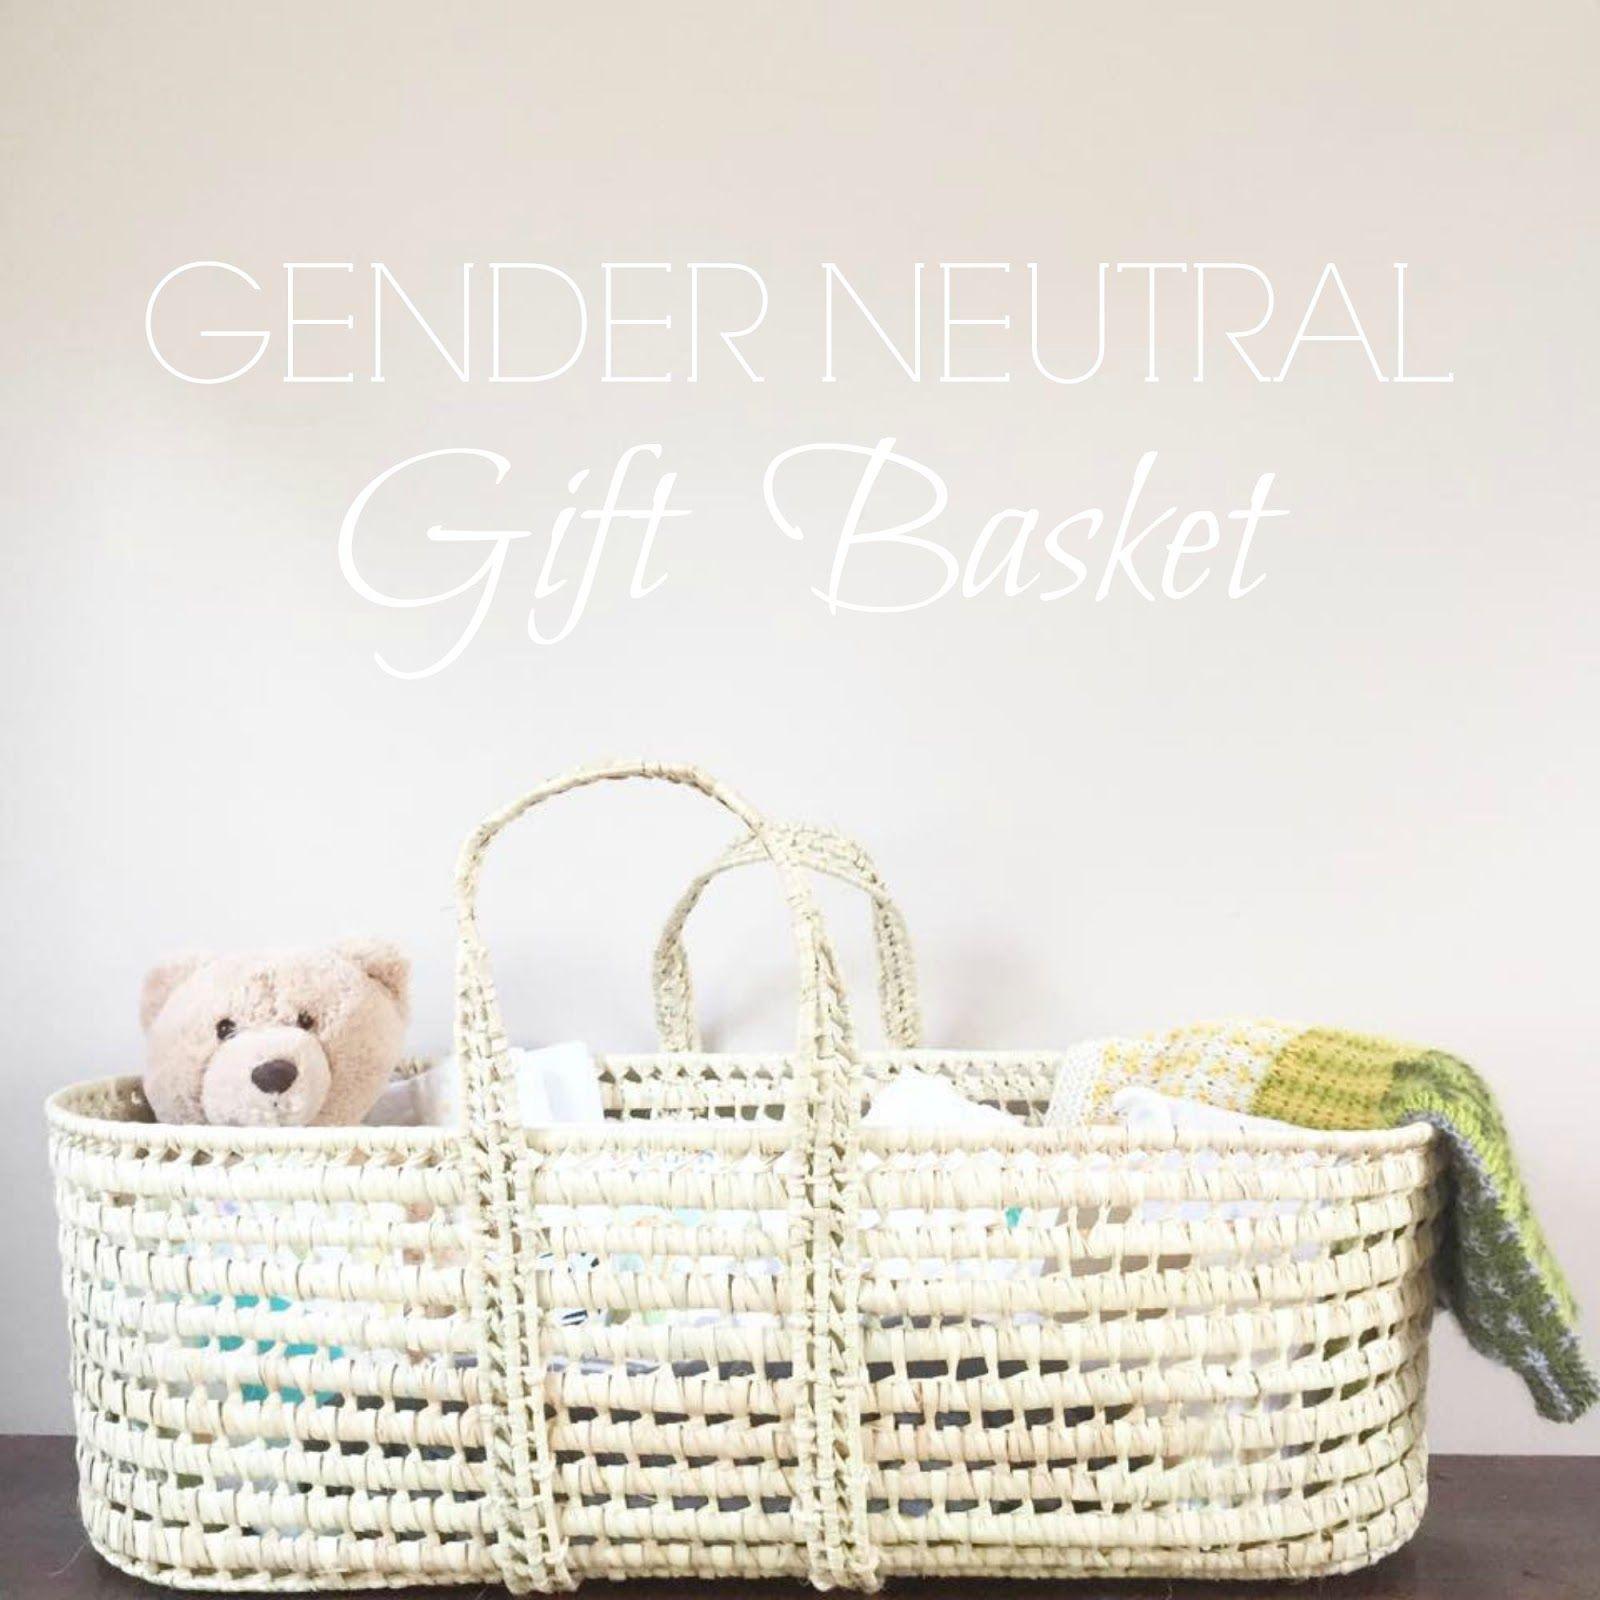 Gender Neutral Gift Basket | Raising Bell